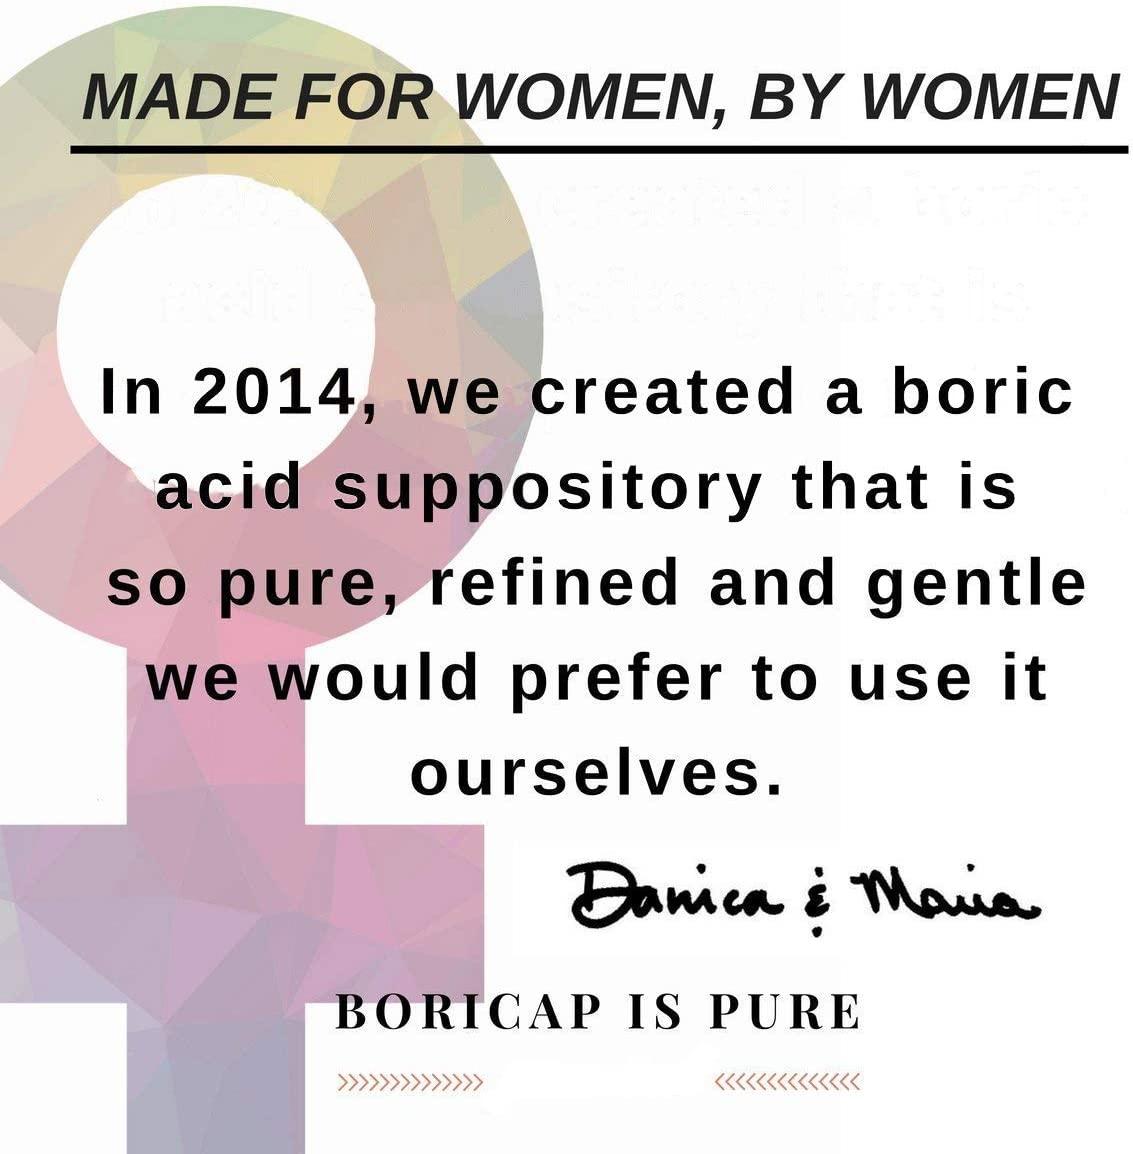 BoriCap Pure Boric Acid Suppositories - 30 Tablet